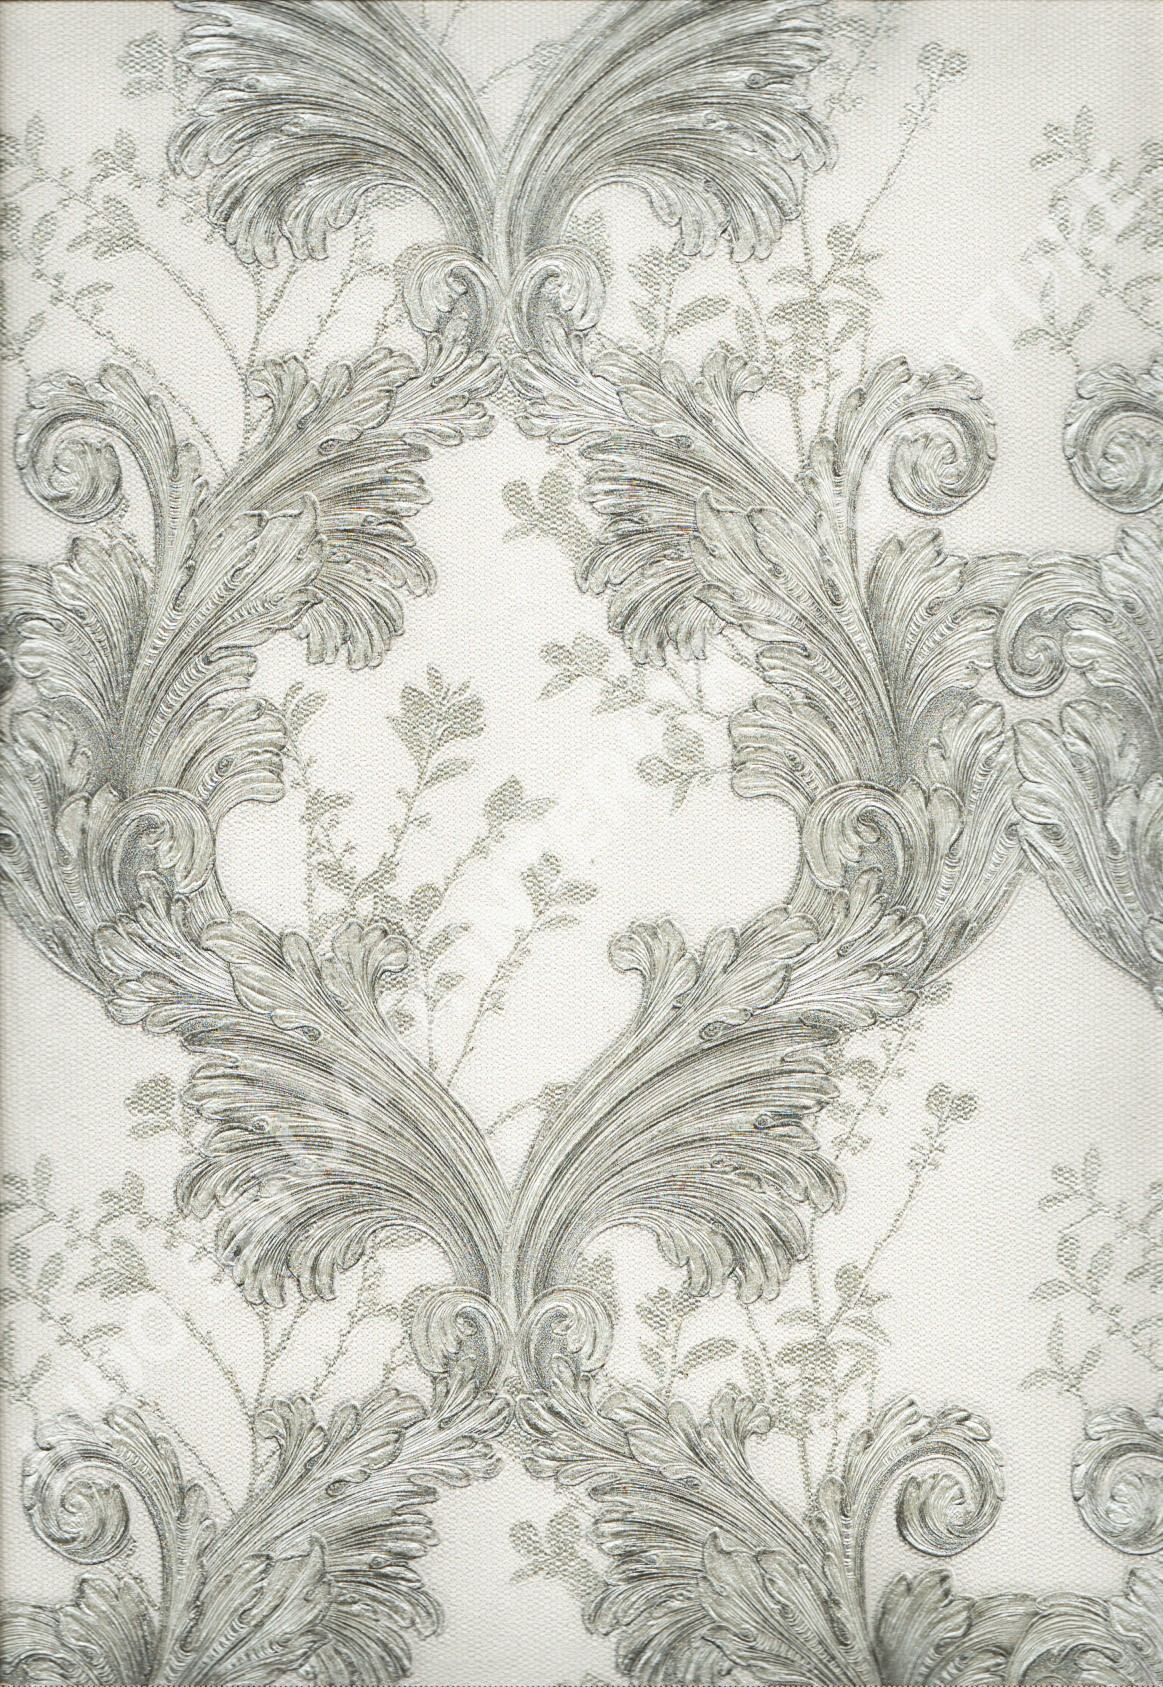 wallpaper LAKIA:87023 corak Bunga ,Klasik / Batik (Damask) warna Abu-Abu ,Cream